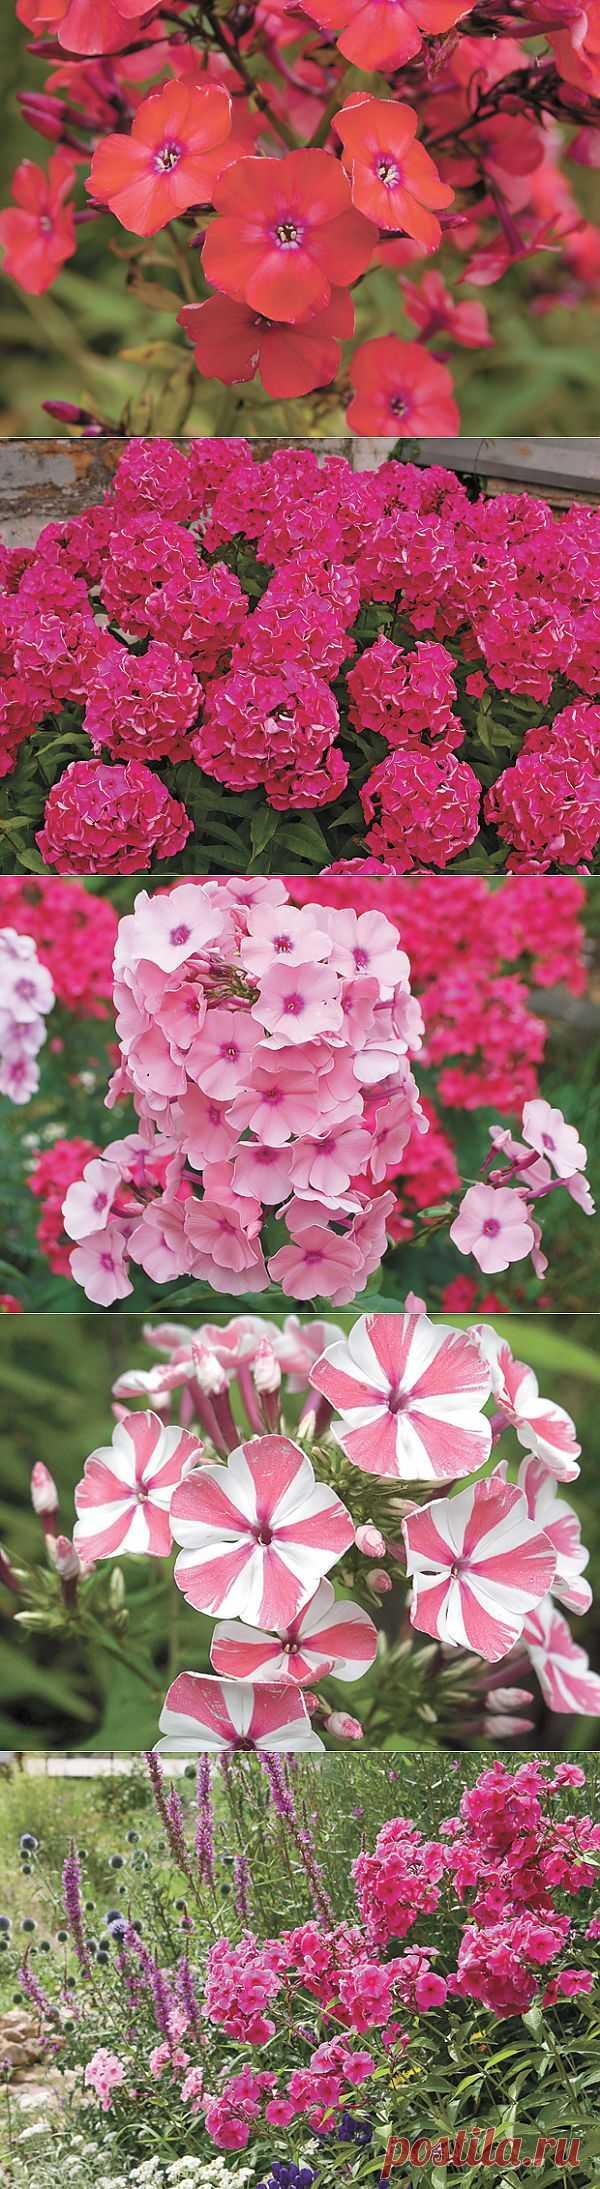 Палитра вашего сада. Яркие флоксы превратят цветник в шедевр - АиФ Дача - Аргументы и Факты